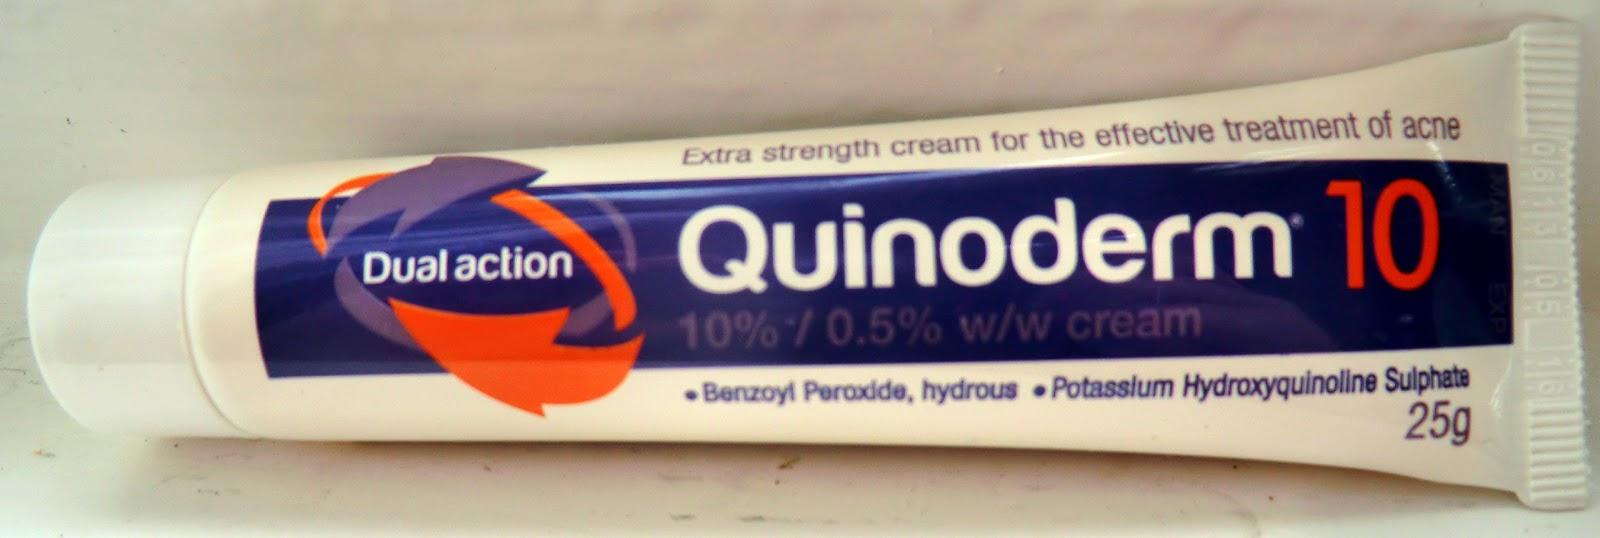 Quinoderm